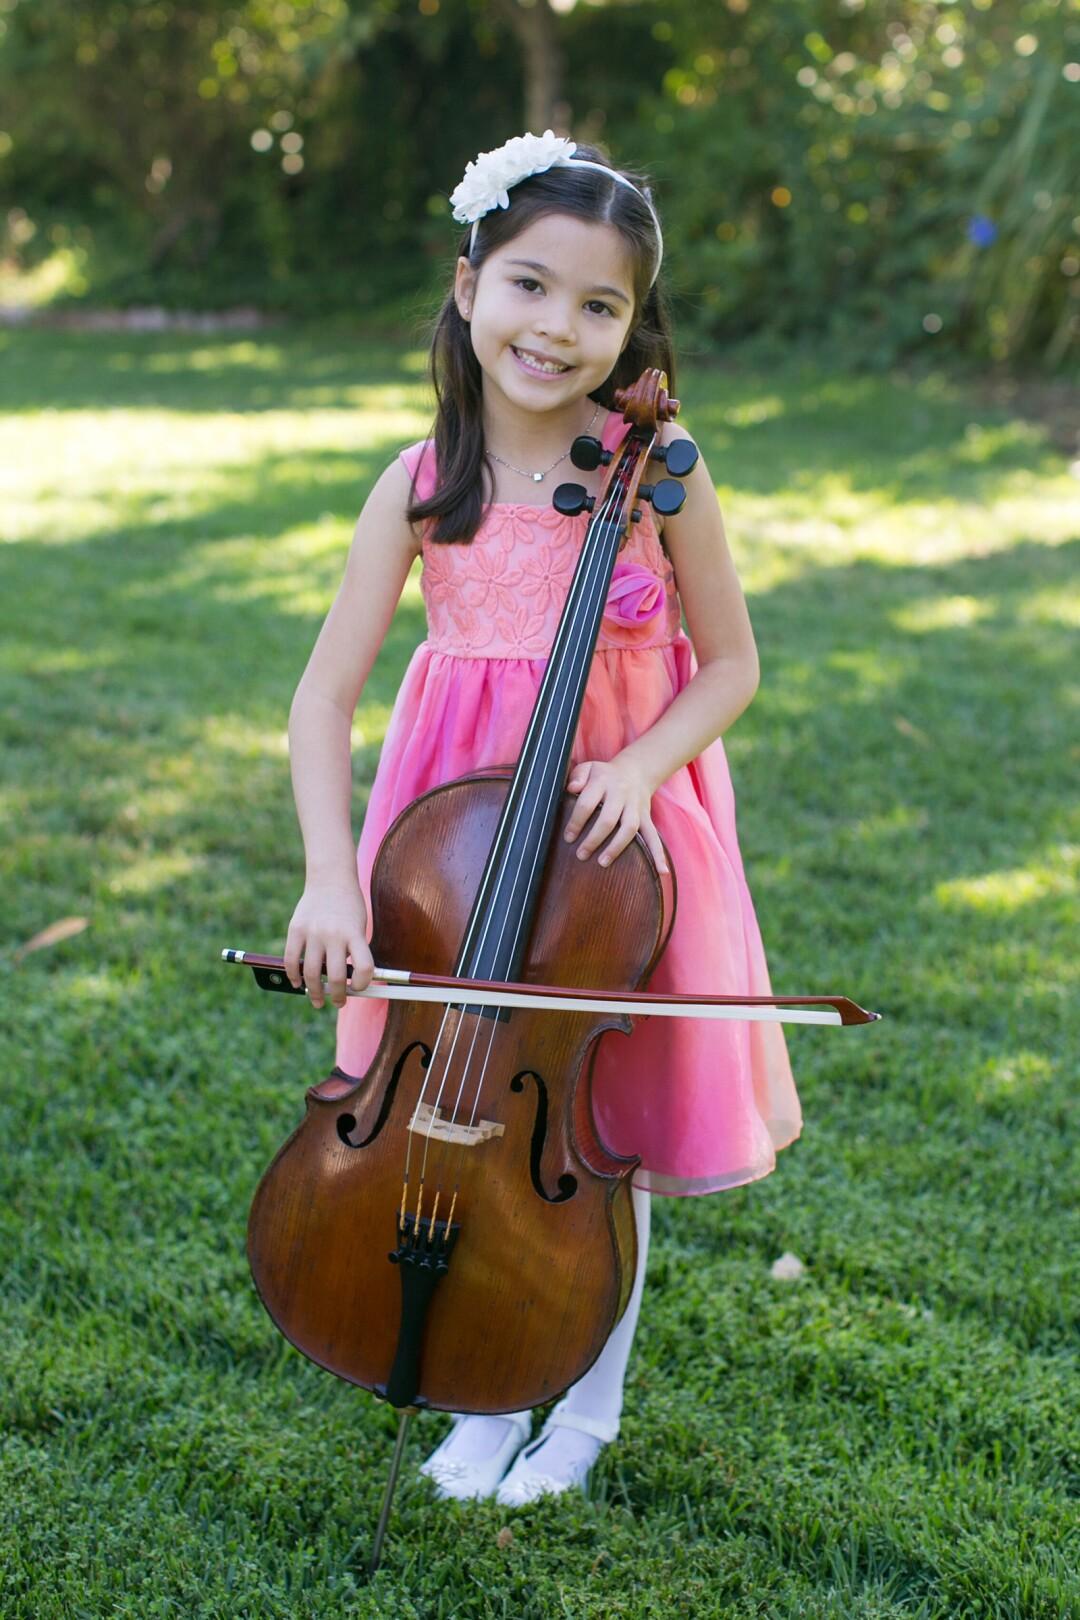 Starla Breshears at age 6 with the Bernardel cello.